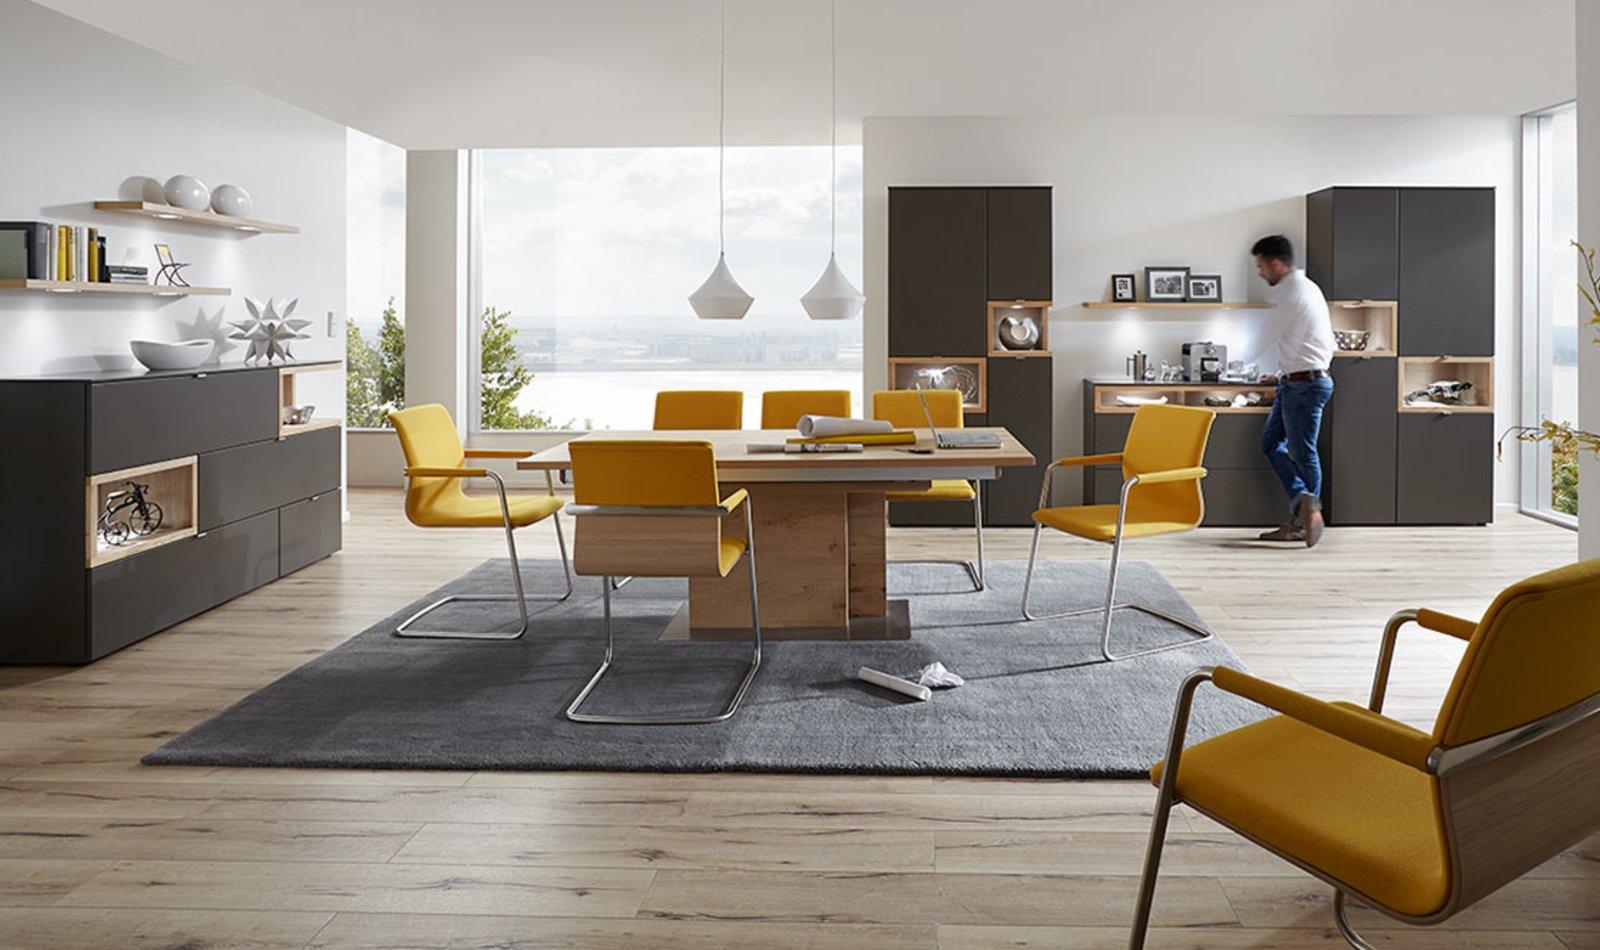 Wohnzimmer schwarz weis braun einrichten images nauhuricom wohnzimmer modern braun wei neuesten - Schwarz weis wohnzimmer ideen ...